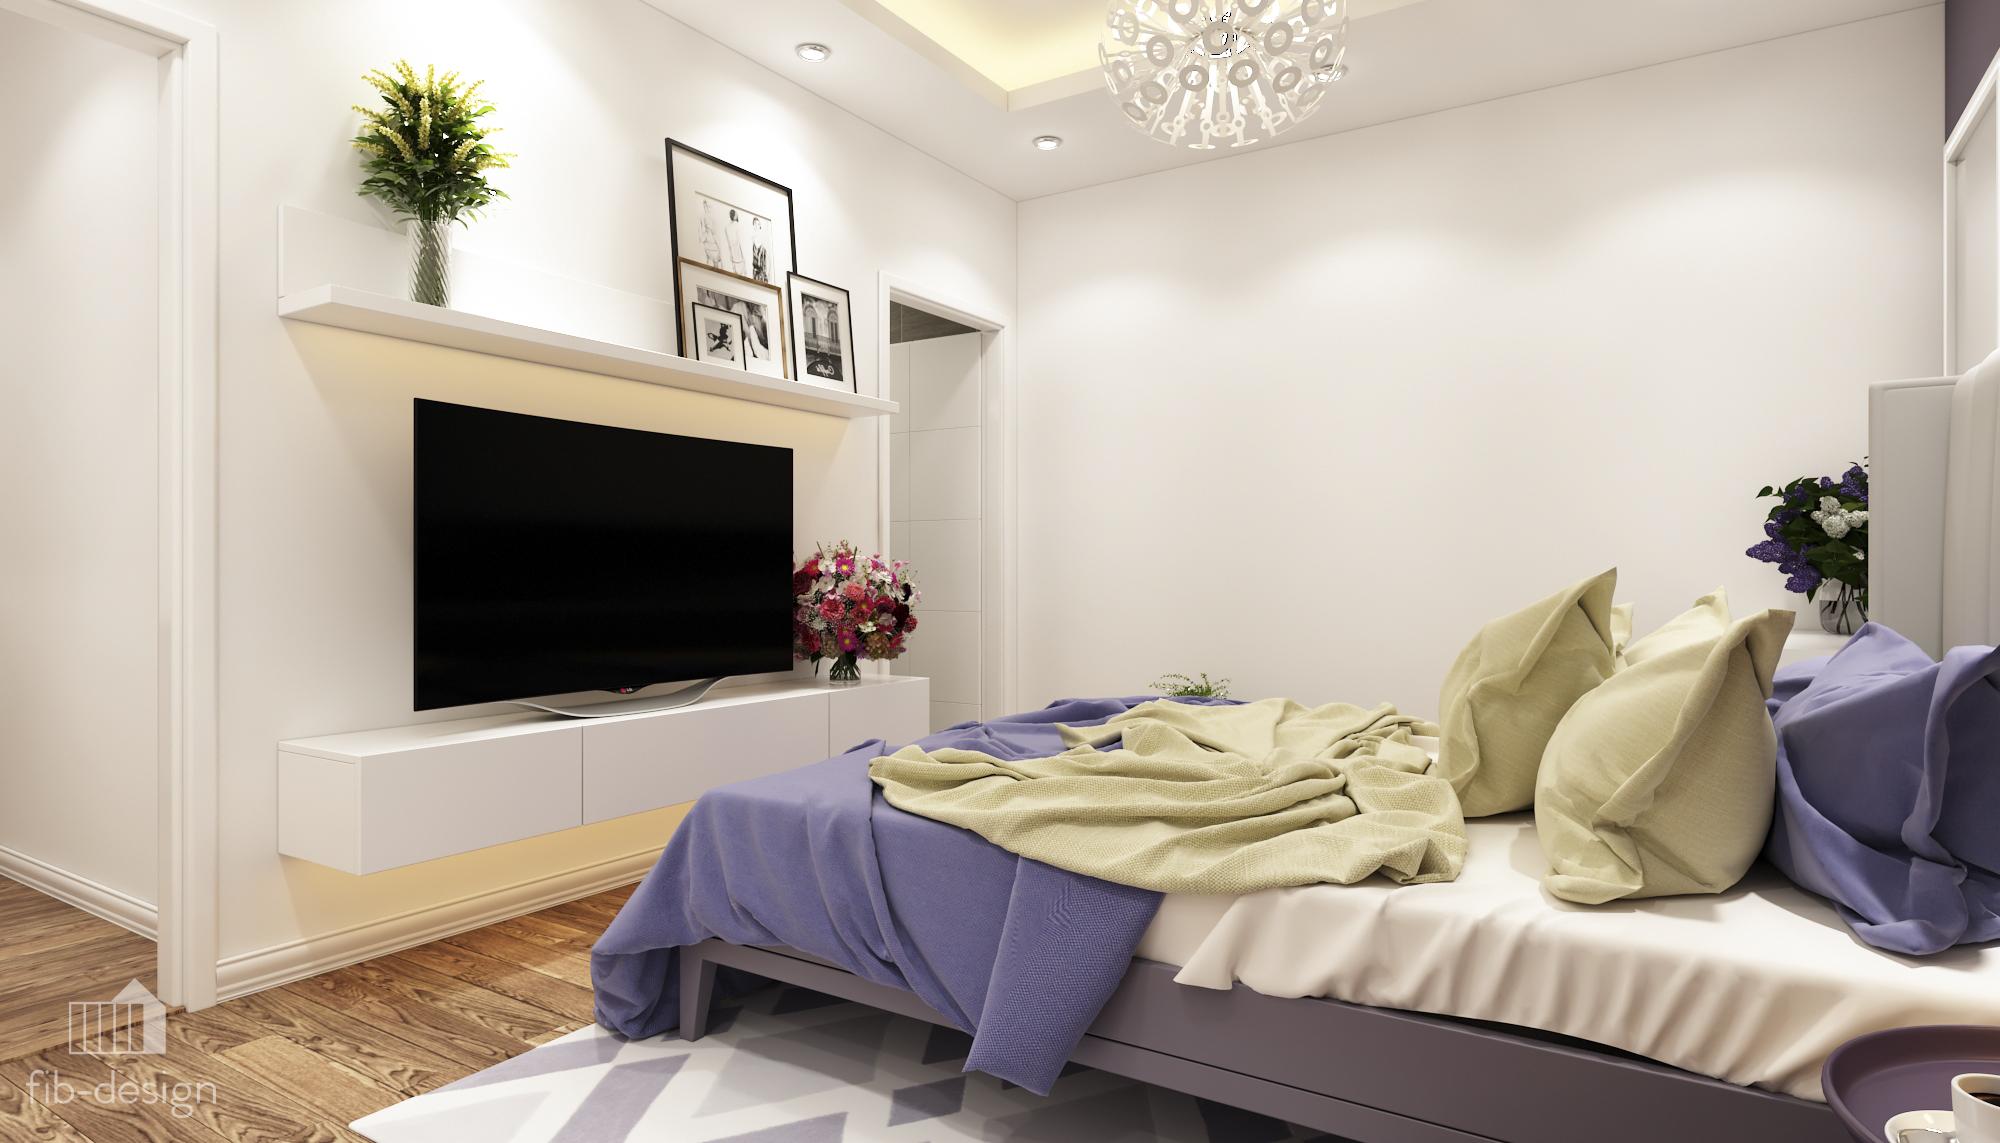 thiết kế nội thất chung cư tại Hà Nội P714 Chung cư GOLDSiLK 11 1544083444